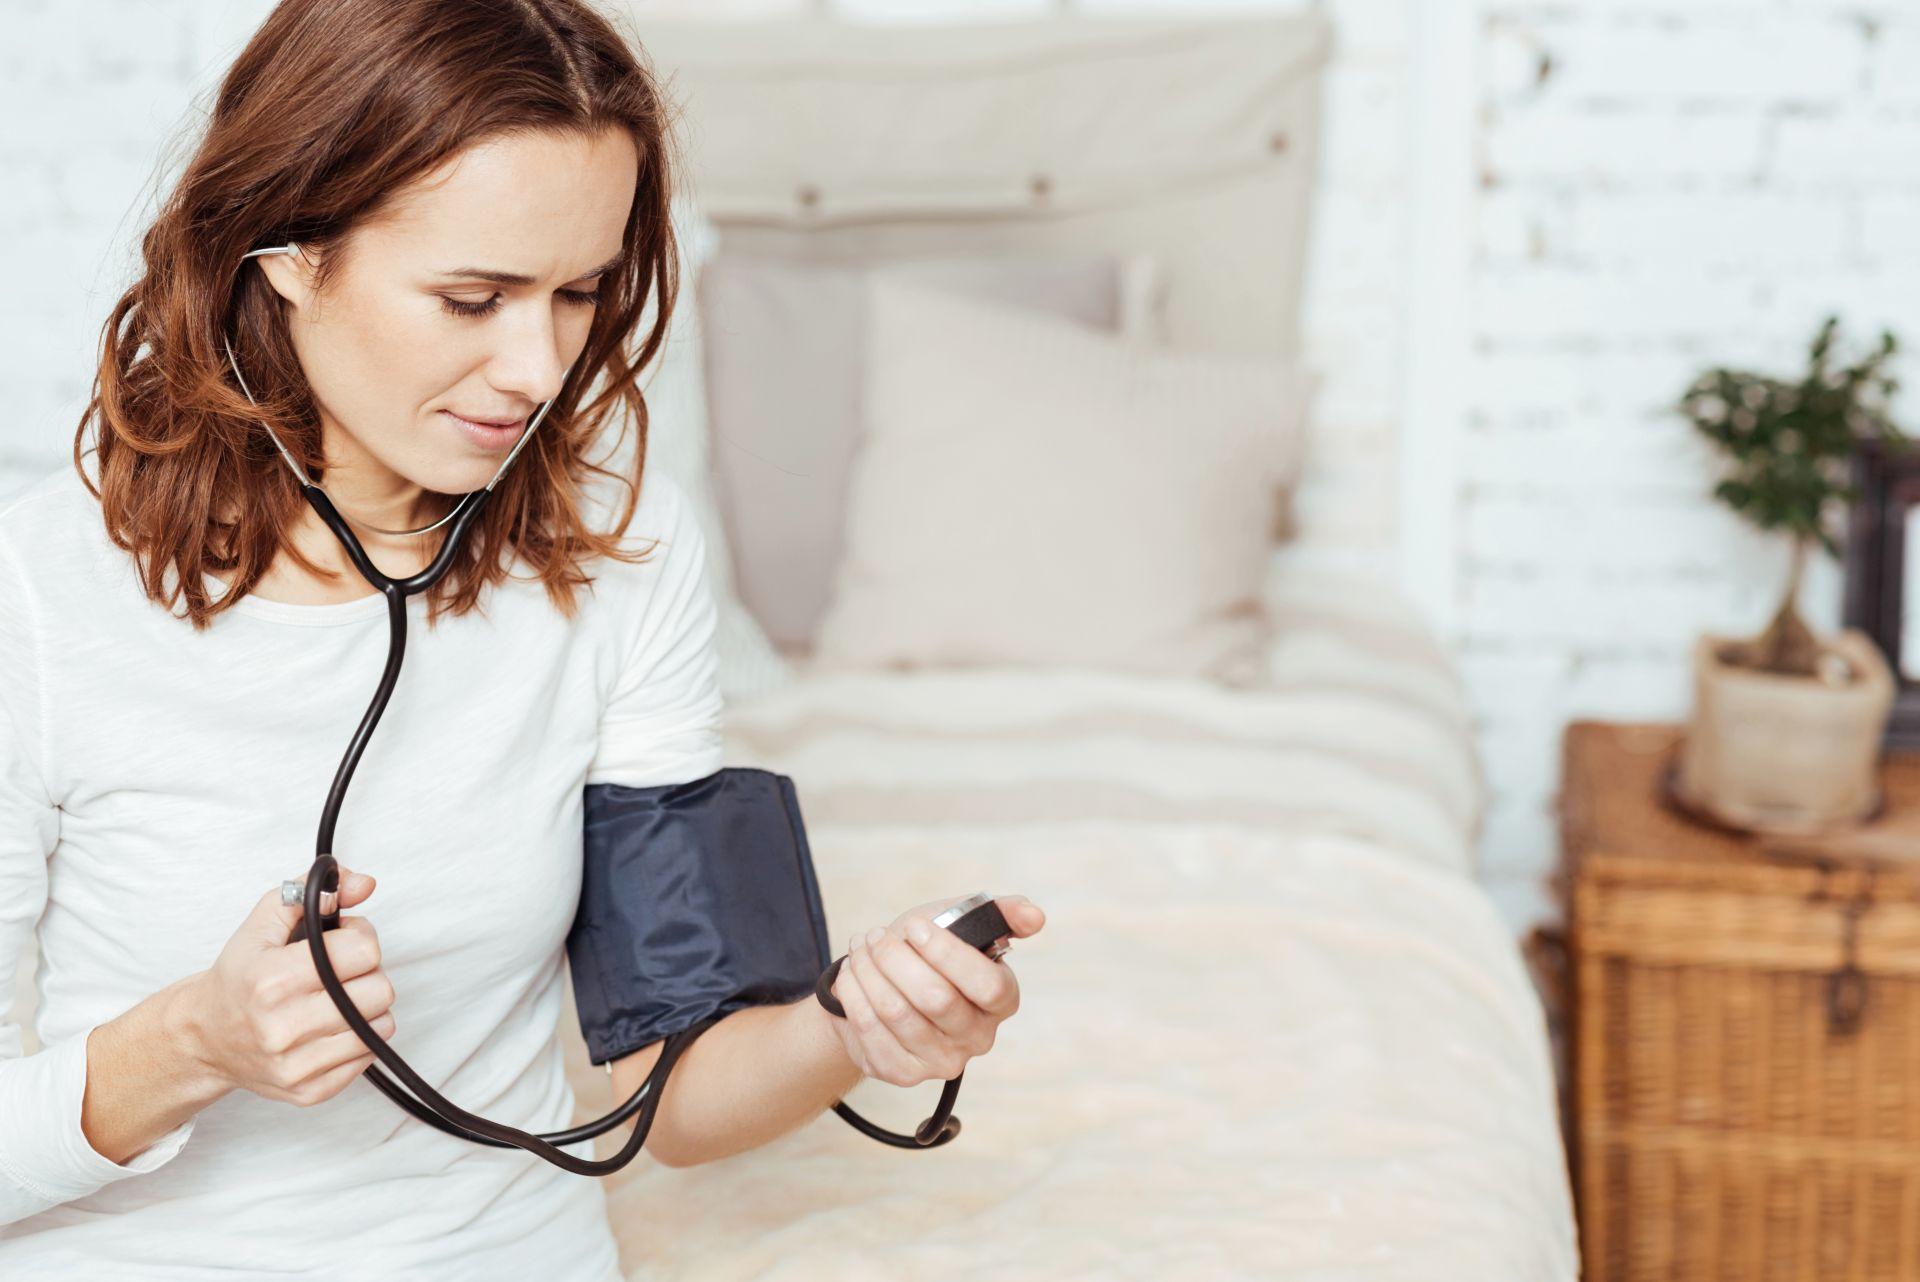 Sprawdź, jakie czynniki wpływające na ryzyko zawału serca możesz modyfikować oraz jak powinna wyglądać dieta po zawale serca.